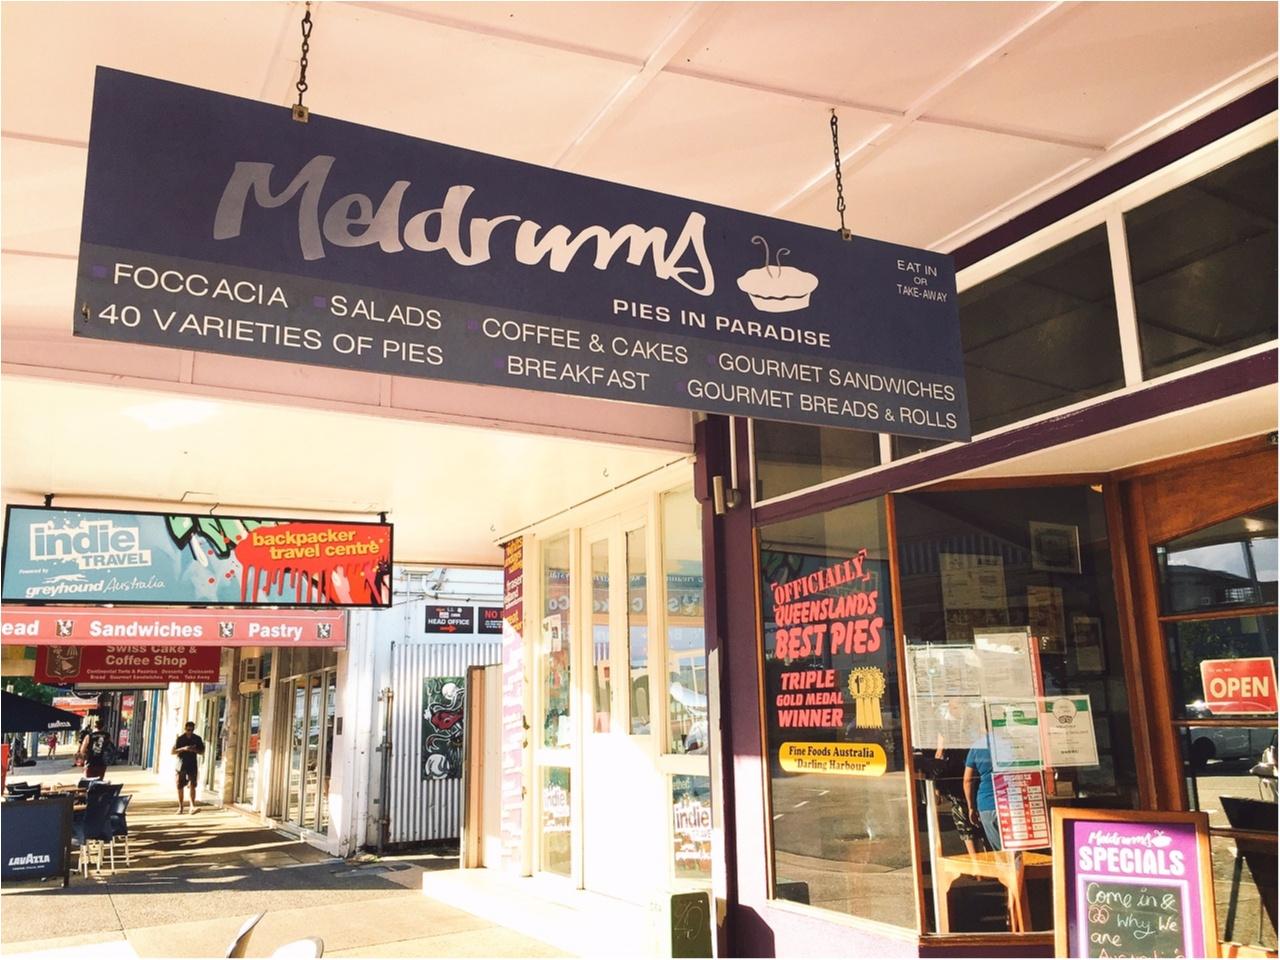 《オーストラリア・ケアンズ》に行ったら!日本未上陸の『メルドラムス』のミートパイがおすすめ!_1